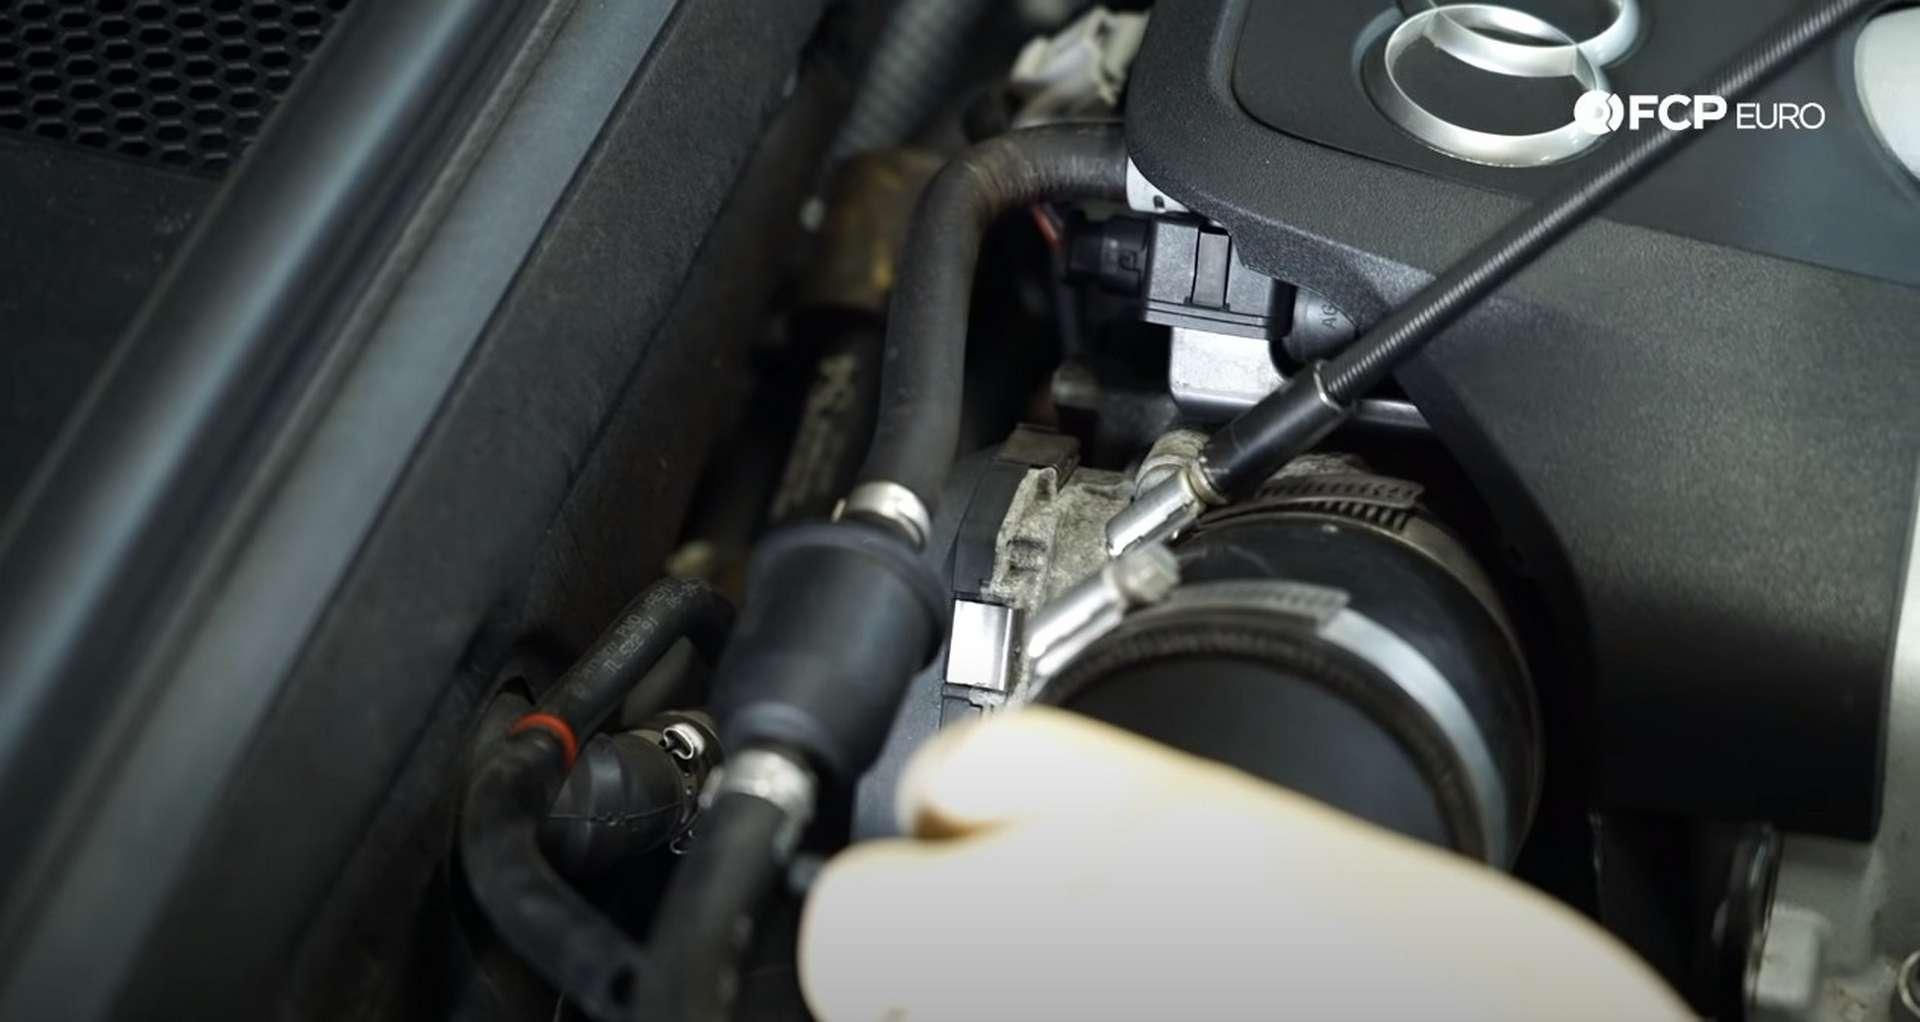 DIY Audi 3.0t Walnut Blasting Intake Valves loosening the intake hose clamp